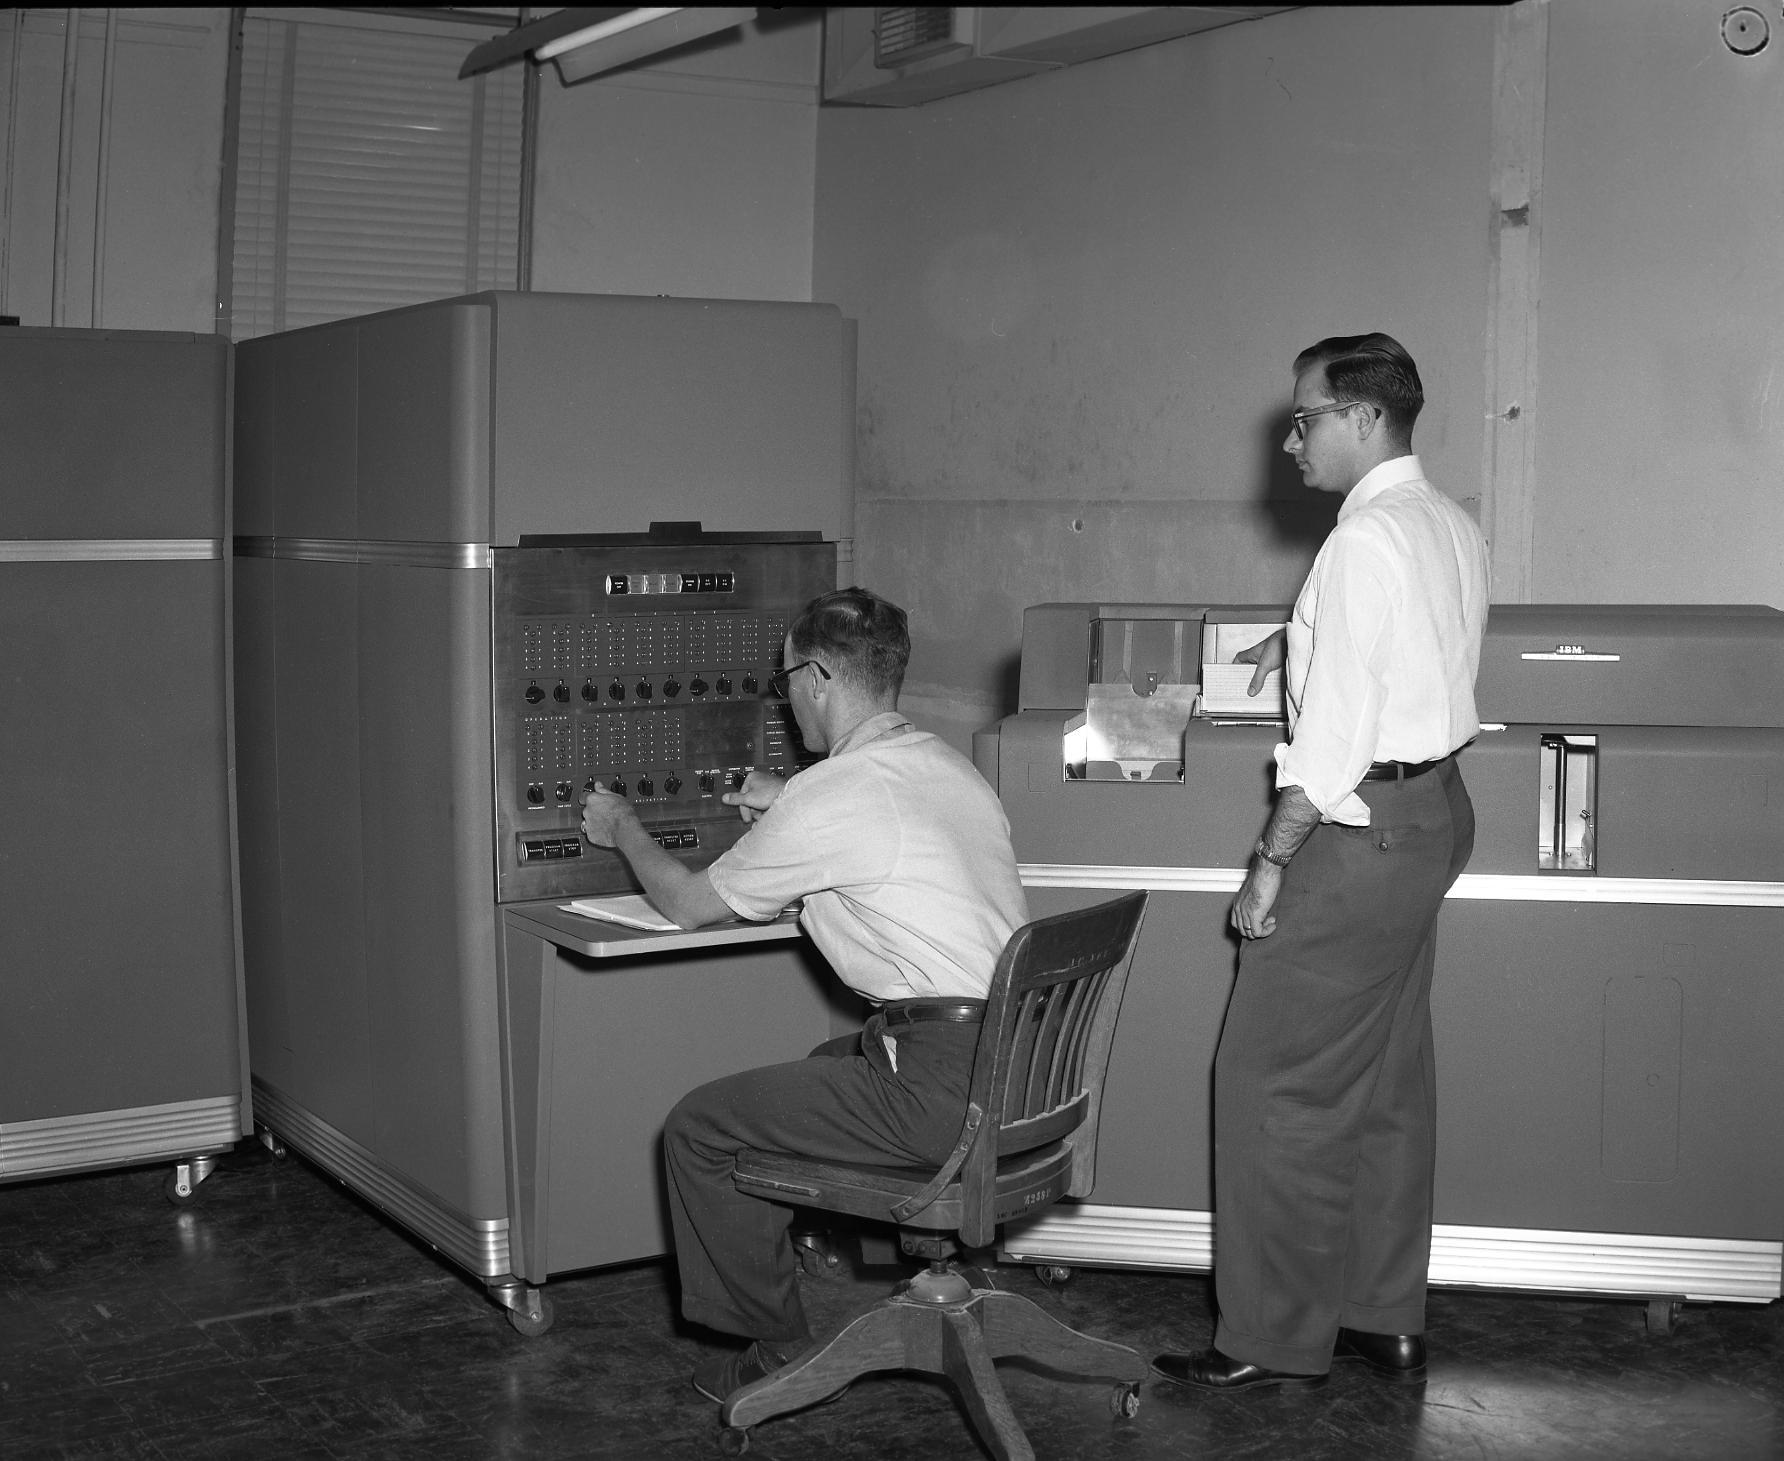 IBM_650_at_Texas_A&M